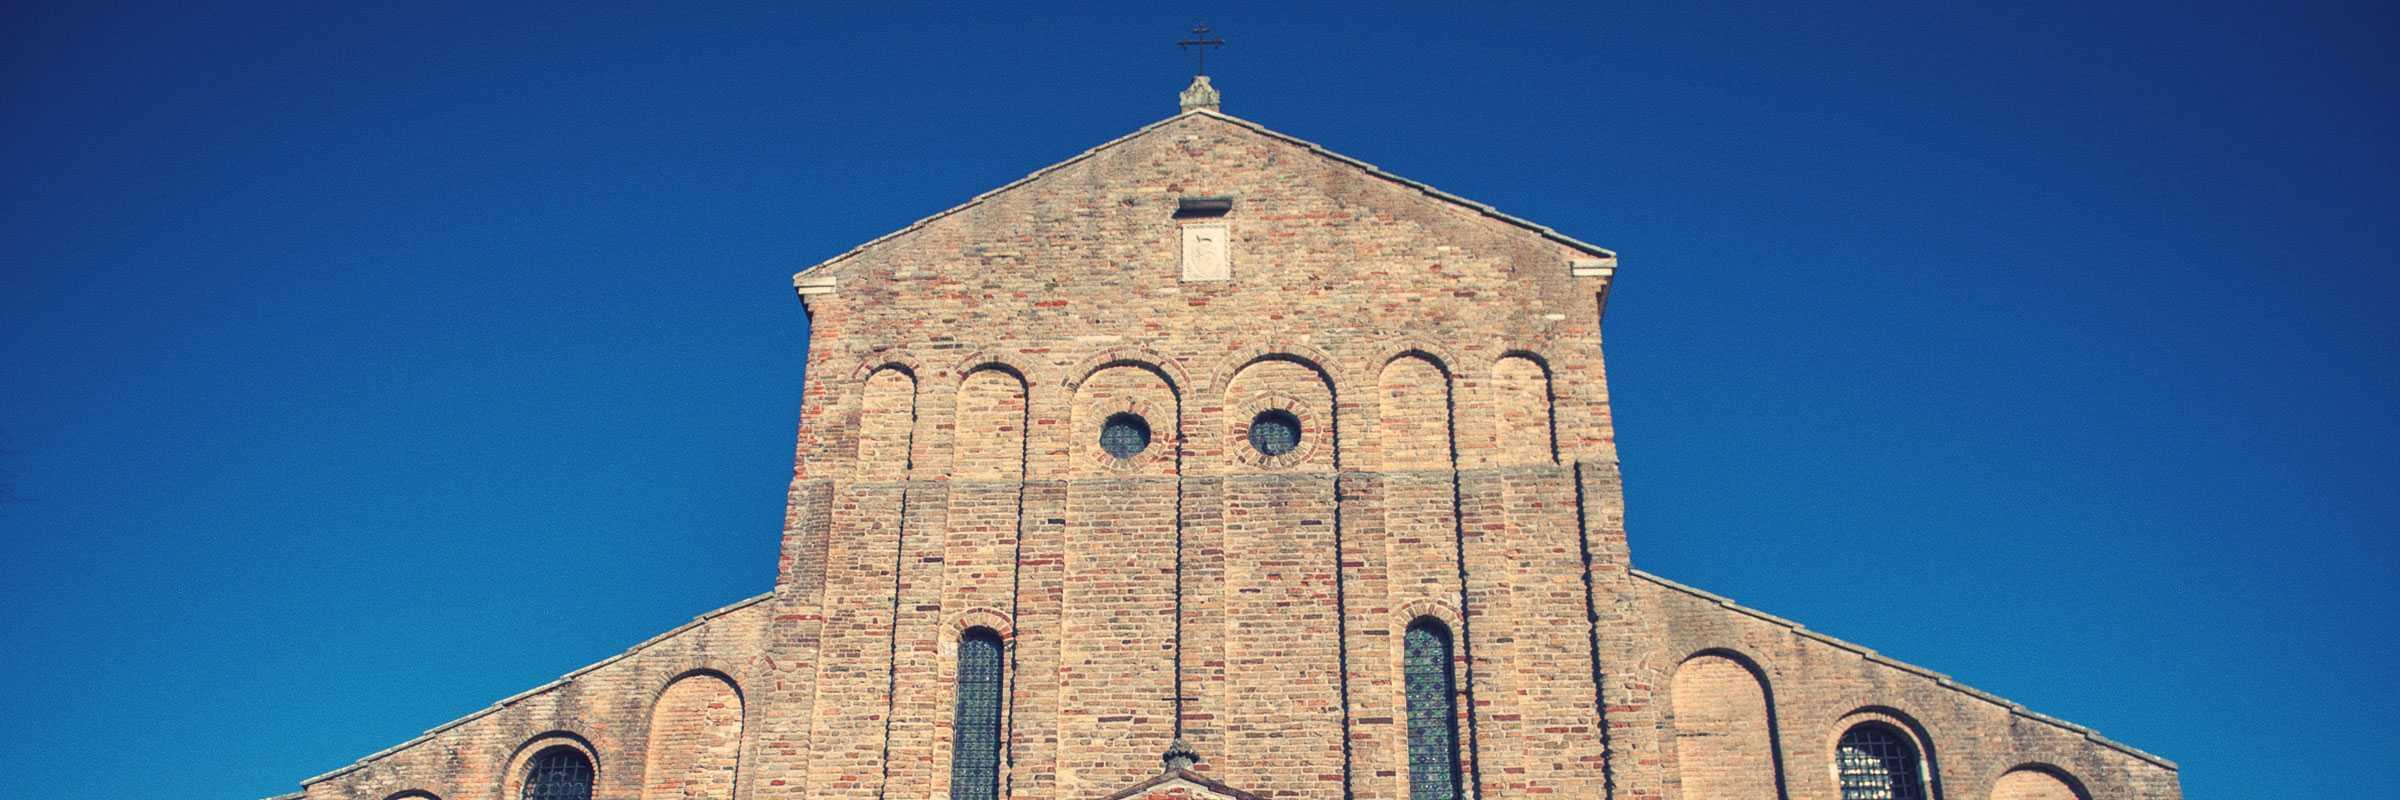 Particolare della facciata della Chiesa di Santa Maria Assunta a Torcello — (Archivio Bazzmann/Venipedia)